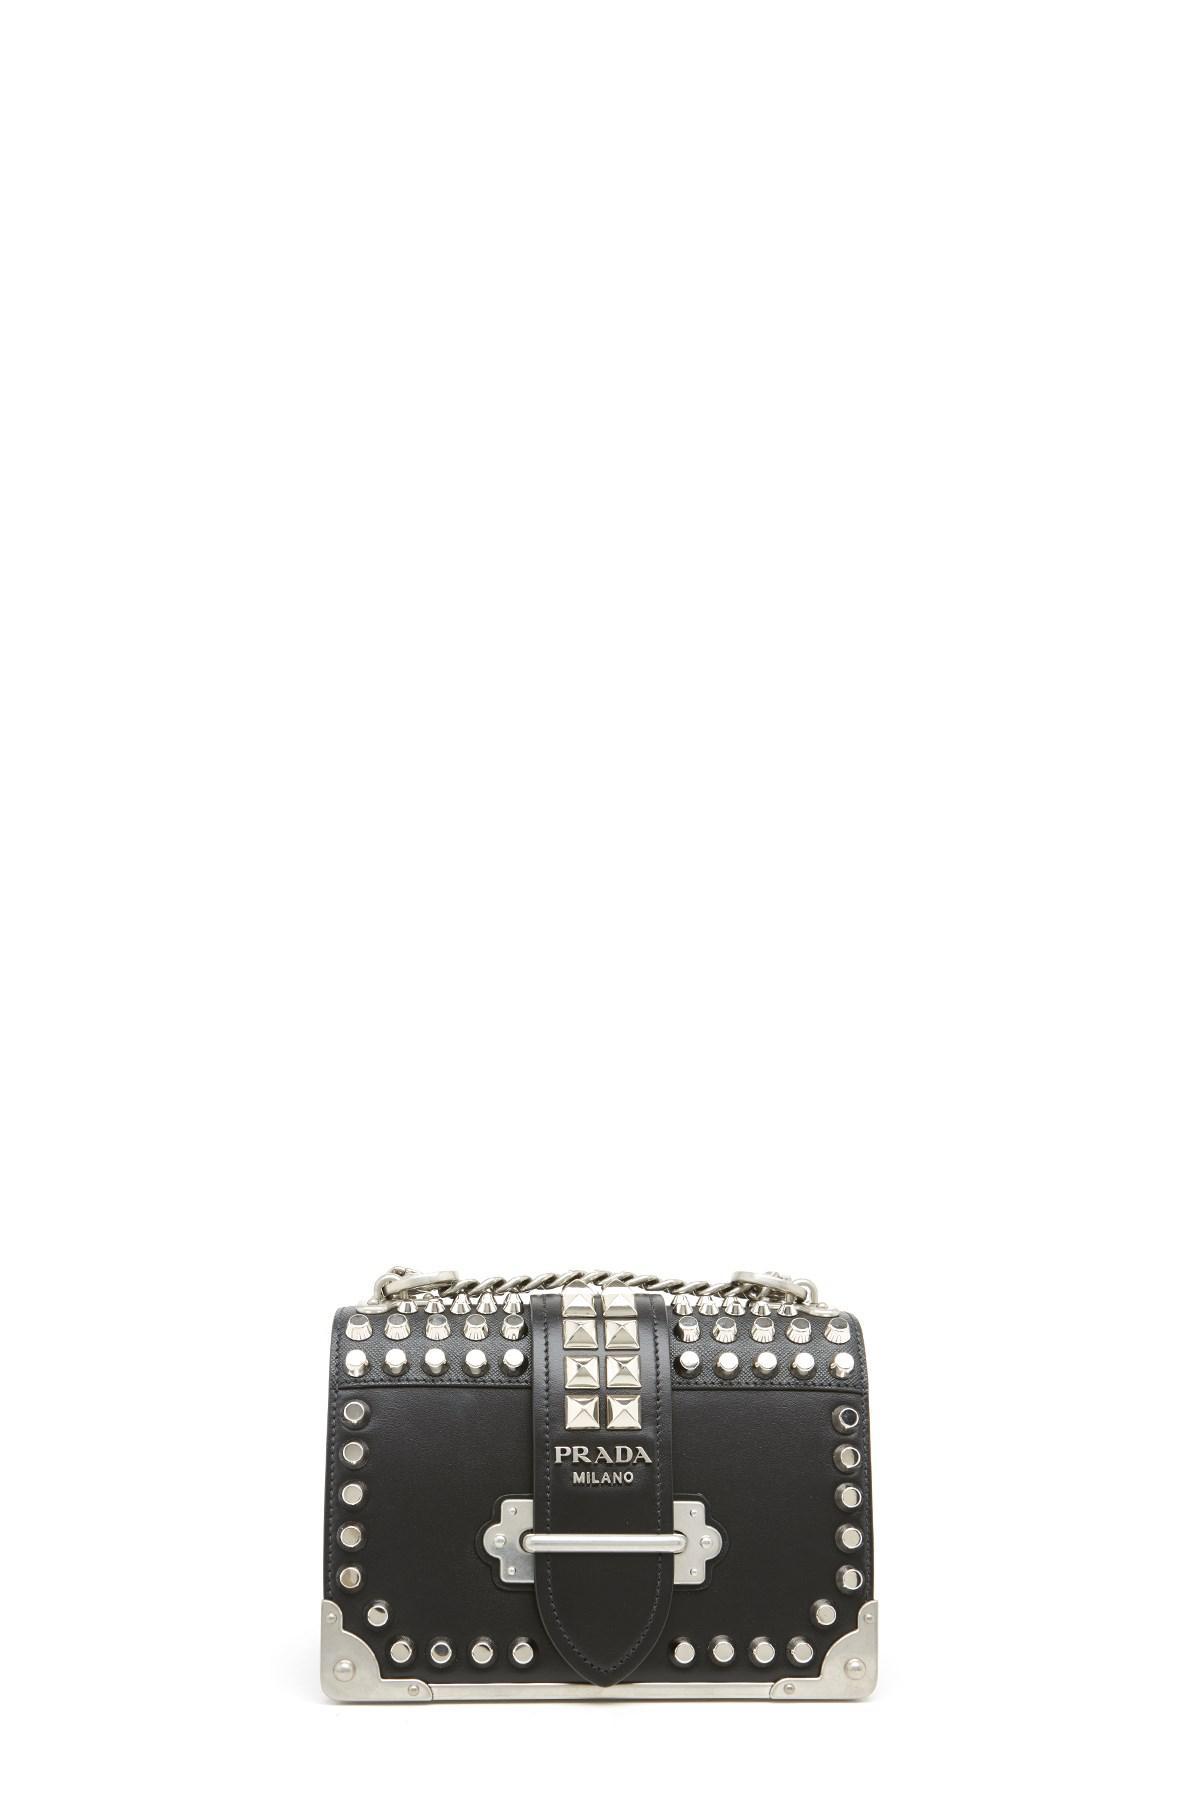 2a7f58dc5fec Lyst - Prada 'cahier' Crossboy Bag